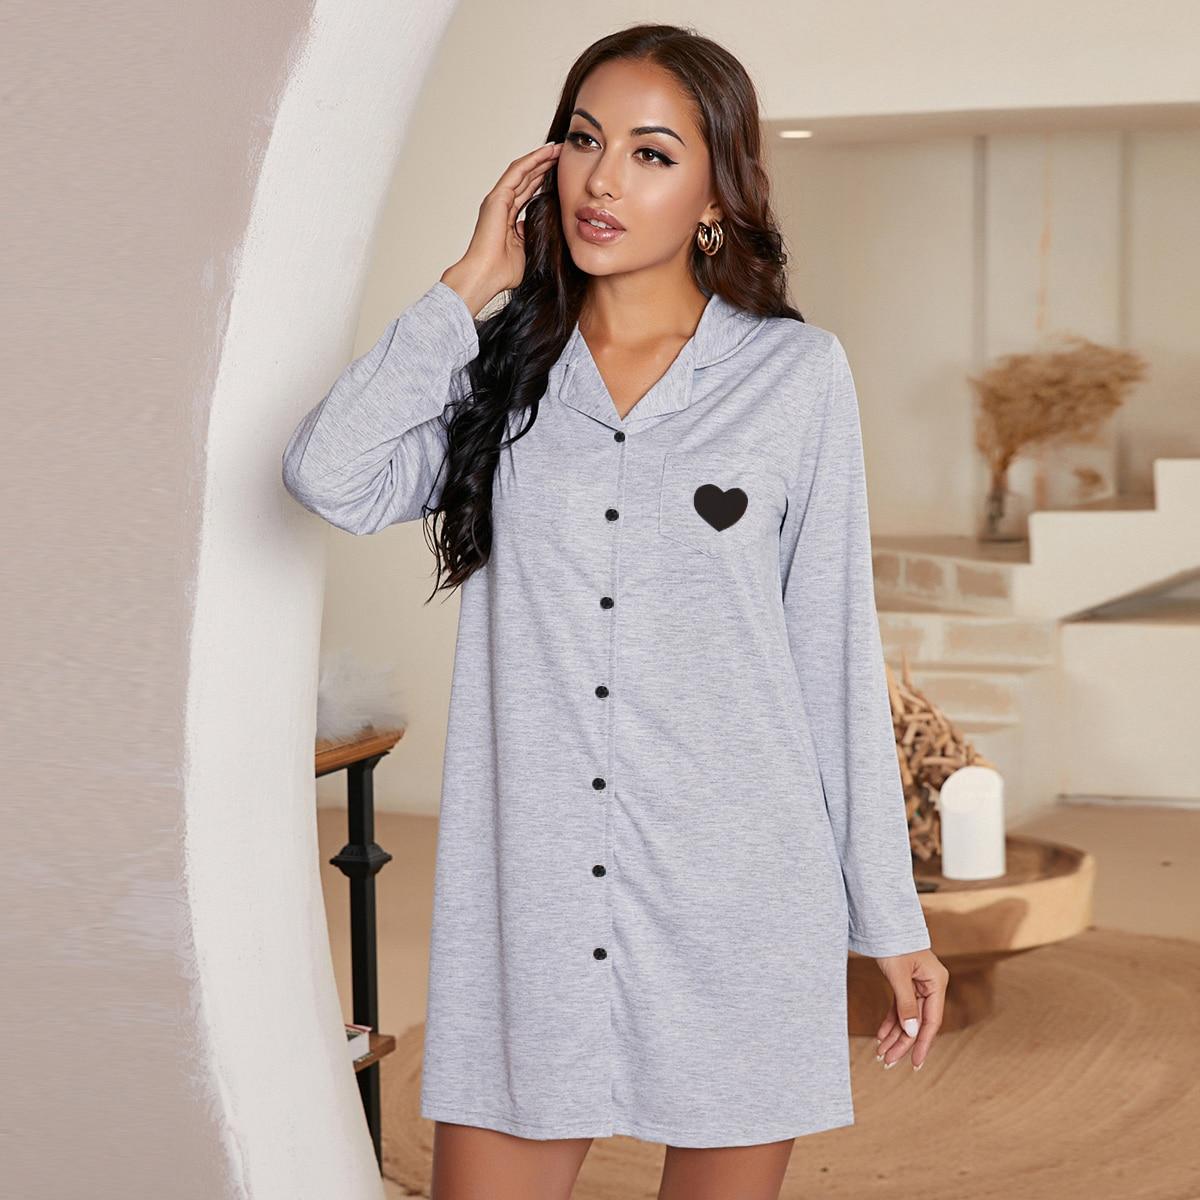 Ночная рубашка с принтом сердечка